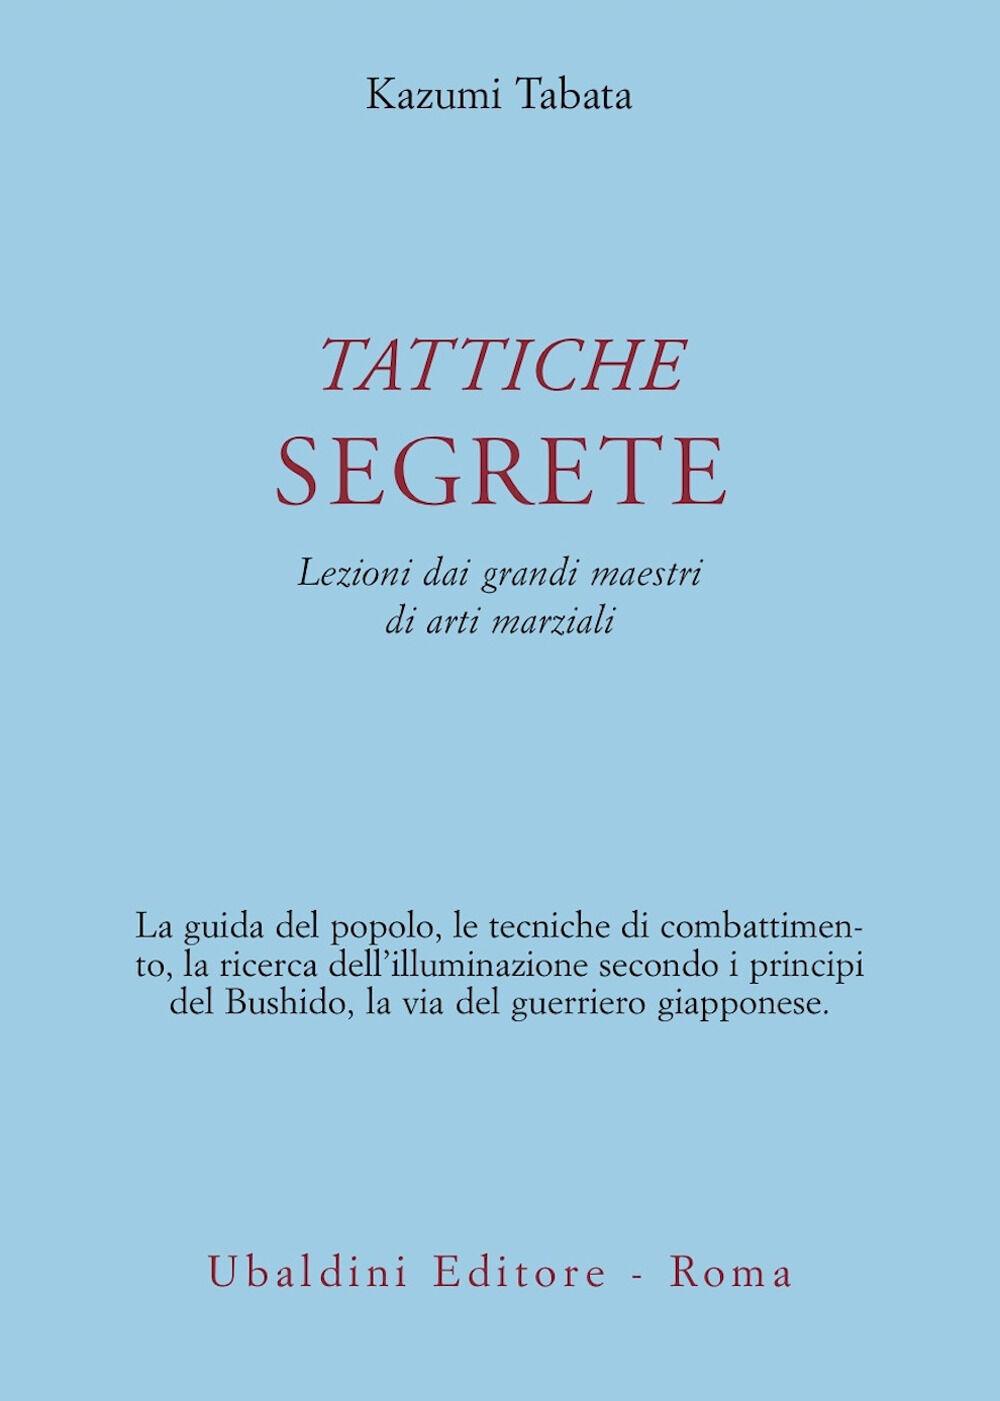 Tattiche segrete. Lezioni dai grandi maestri di arti marziali